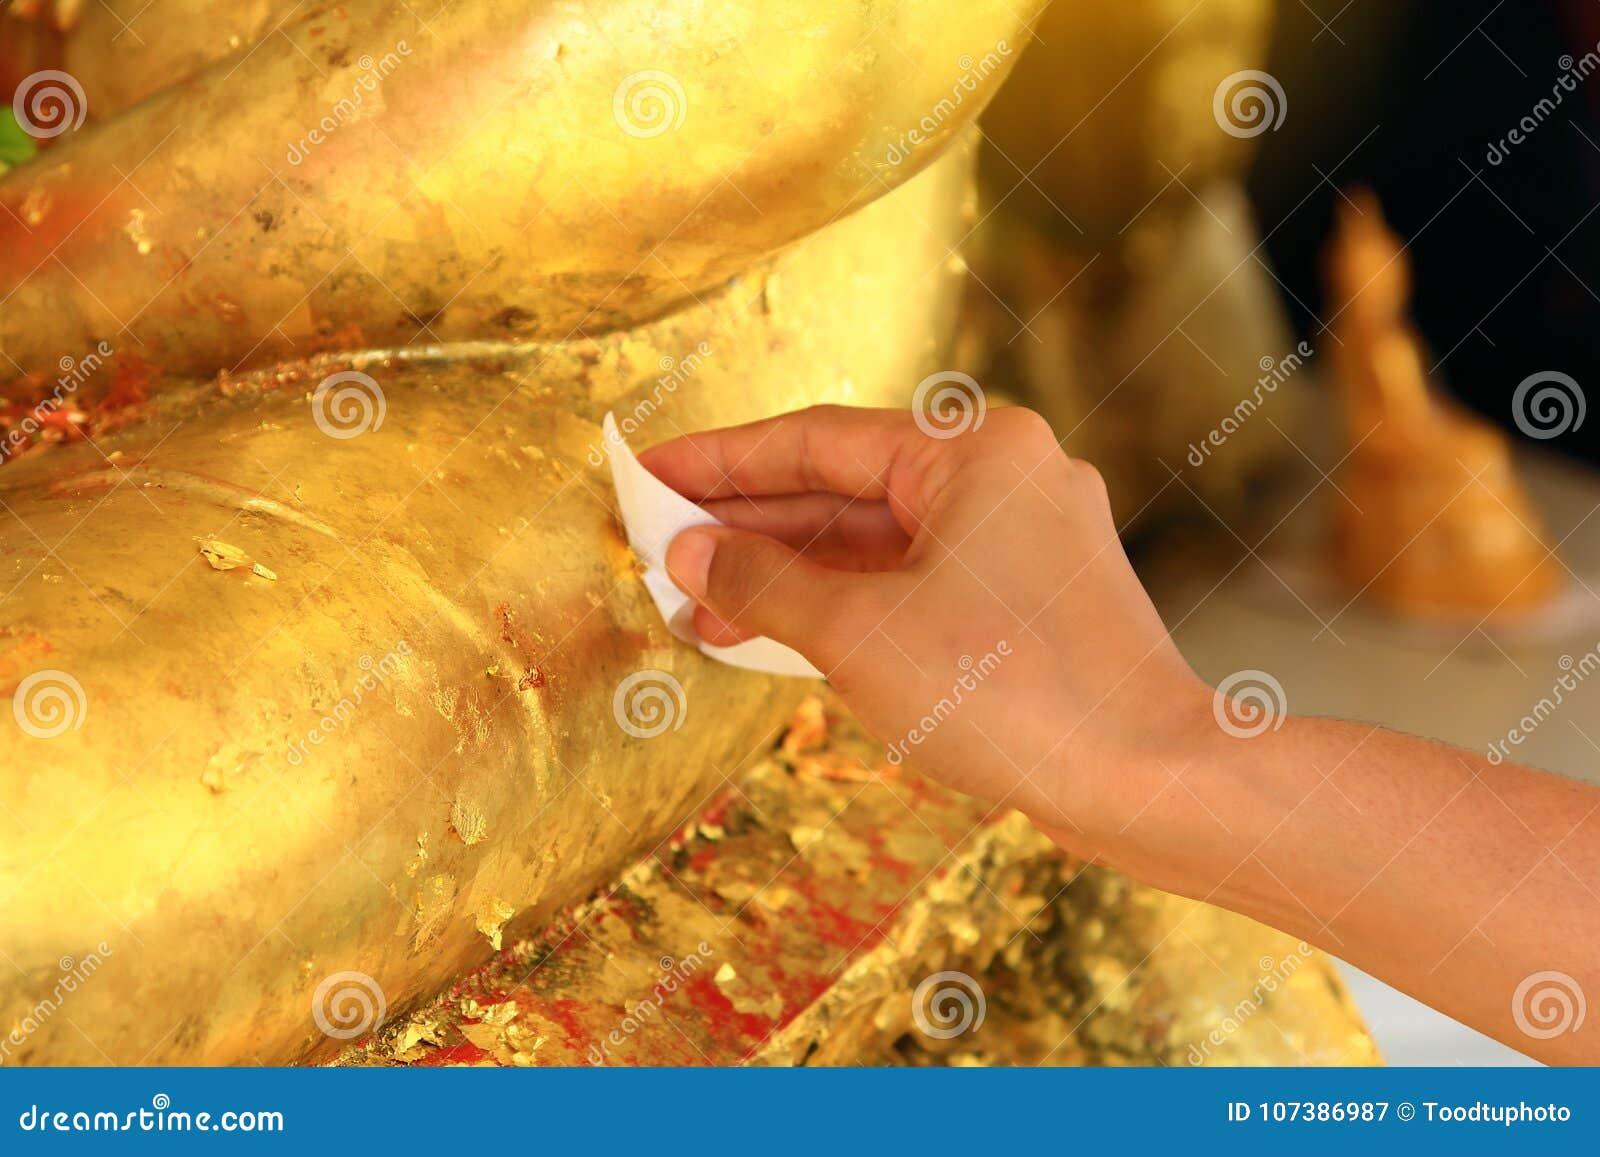 Fermez-vous vers le haut de la main, faites le mérite qui est culture de bouddhiste traditionnel thaïlandais et de foi